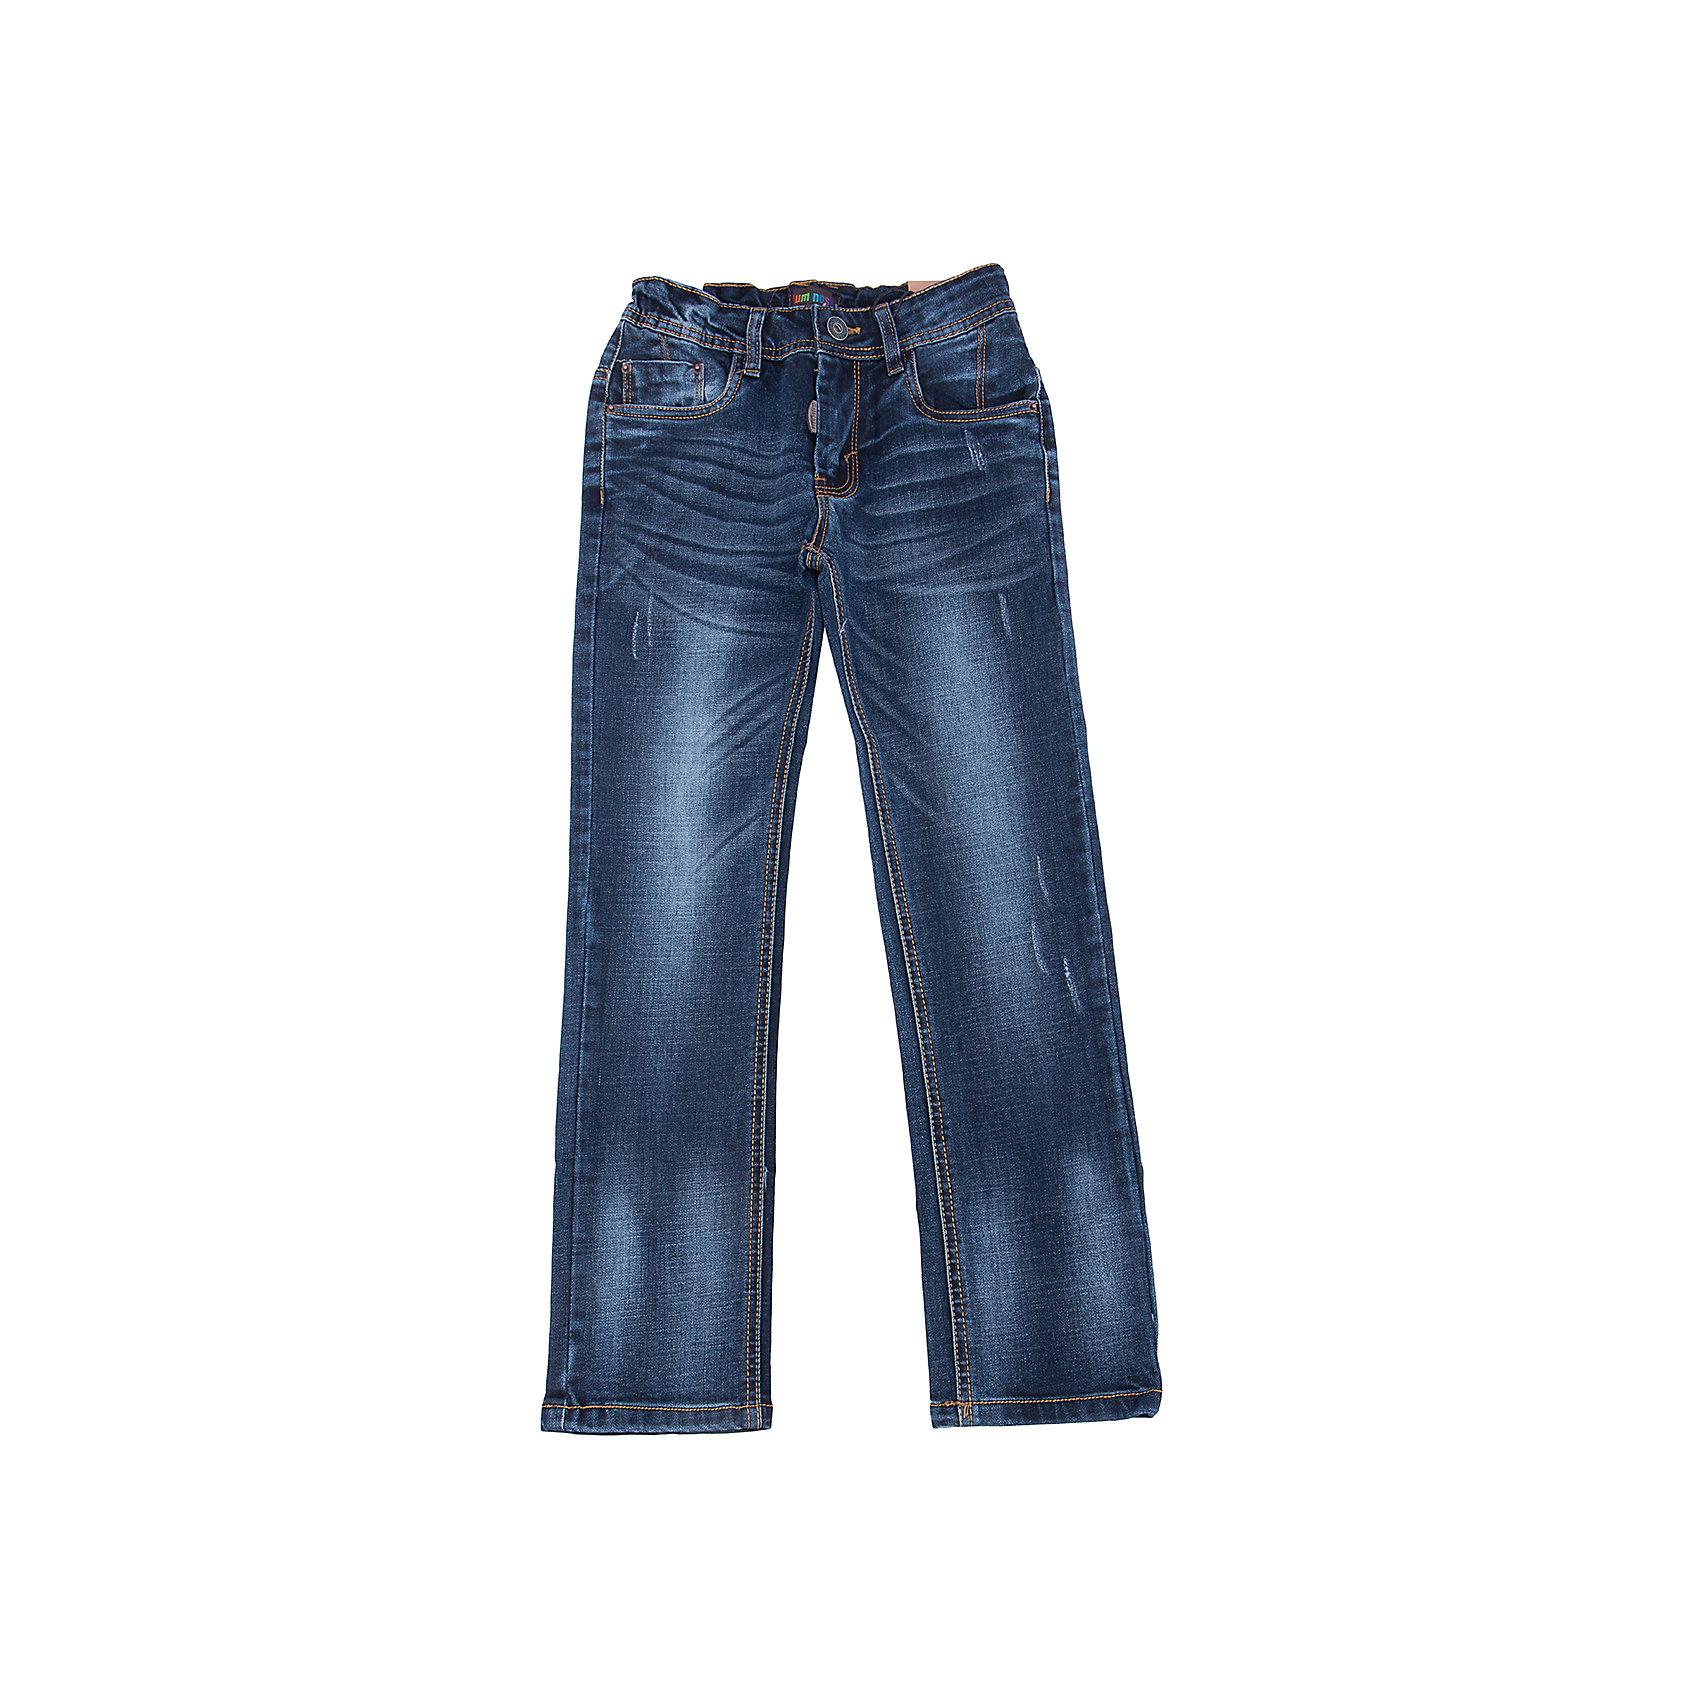 Джинсы для мальчика LuminosoДжинсы<br>Характеристики товара:<br><br>- цвет: синий;<br>- материал: 98% хлопок, 2% эластан;<br>- застежка: пуговица и молния;<br>- пояс регулируется внутренней резинкой на пуговицах;<br>- эффект потертостей.<br><br>Стильная одежда от бренда Luminoso (Люминосо), созданная при участии итальянских дизайнеров, учитывает потребности подростков и последние веяния моды. Она удобная и модная.<br>Эти джинсы выглядят стильно, но при этом подходят для ежедневного ношения. Они хорошо сидят на ребенке, обеспечивают комфорт и отлично сочетаются с одежной разных стилей. Модель отличается высоким качеством материала и продуманным дизайном. Натуральный хлопок в составе изделия делает его дышащим, приятным на ощупь и гипоаллергеным.<br><br>Джинсы для мальчика от бренда Luminoso (Люминосо) можно купить в нашем интернет-магазине.<br><br>Ширина мм: 215<br>Глубина мм: 88<br>Высота мм: 191<br>Вес г: 336<br>Цвет: синий<br>Возраст от месяцев: 132<br>Возраст до месяцев: 144<br>Пол: Мужской<br>Возраст: Детский<br>Размер: 152,134,164,158,146,140<br>SKU: 4930970